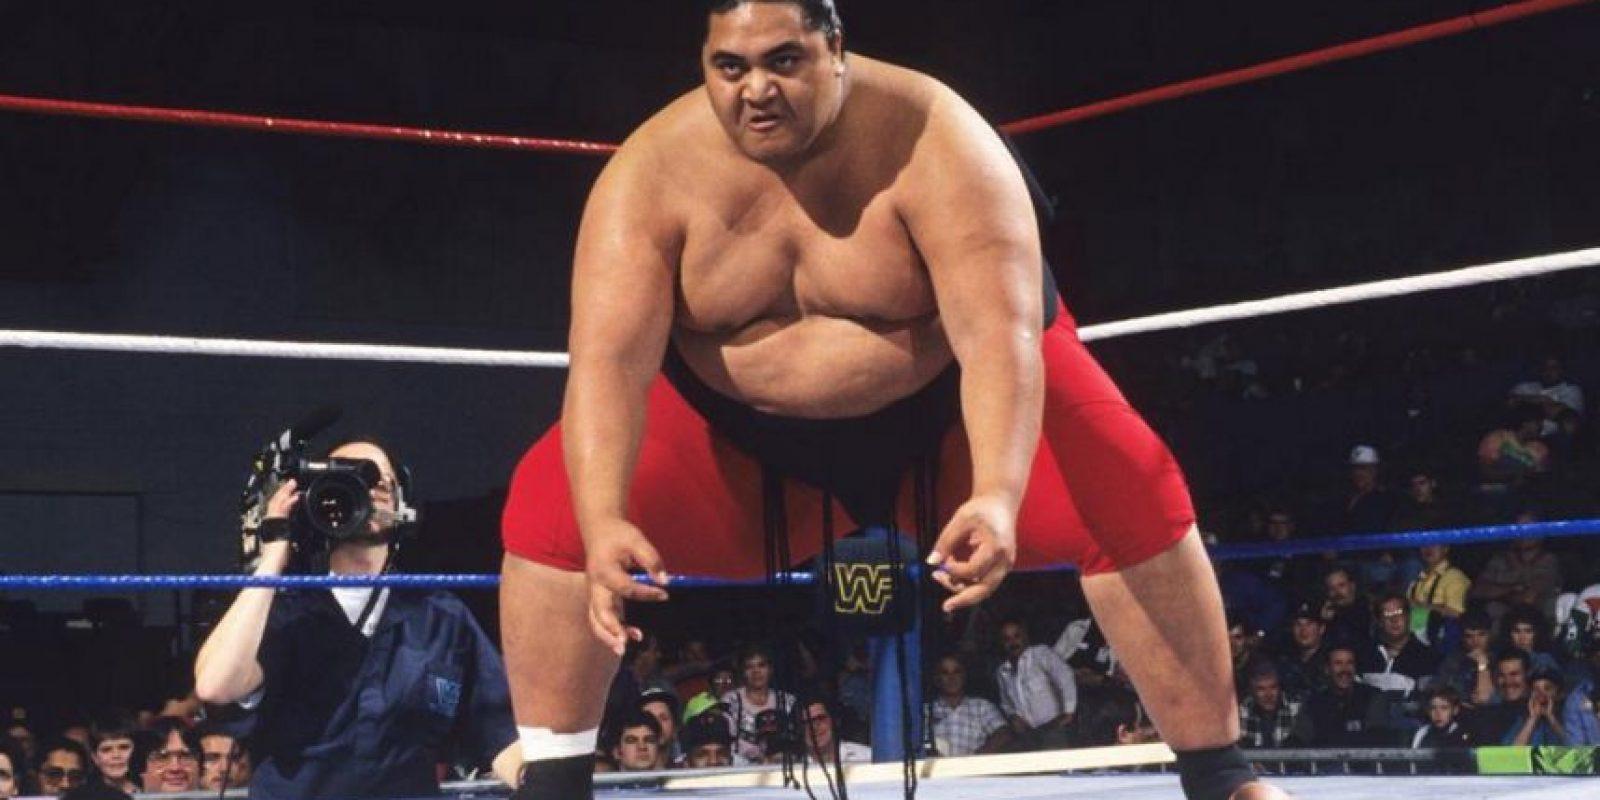 Yokouzuna. Miembro de la dinastía Anoa'I, entró al Salón de la Fama en 2012, 12 años después de su muerte Foto:WWE